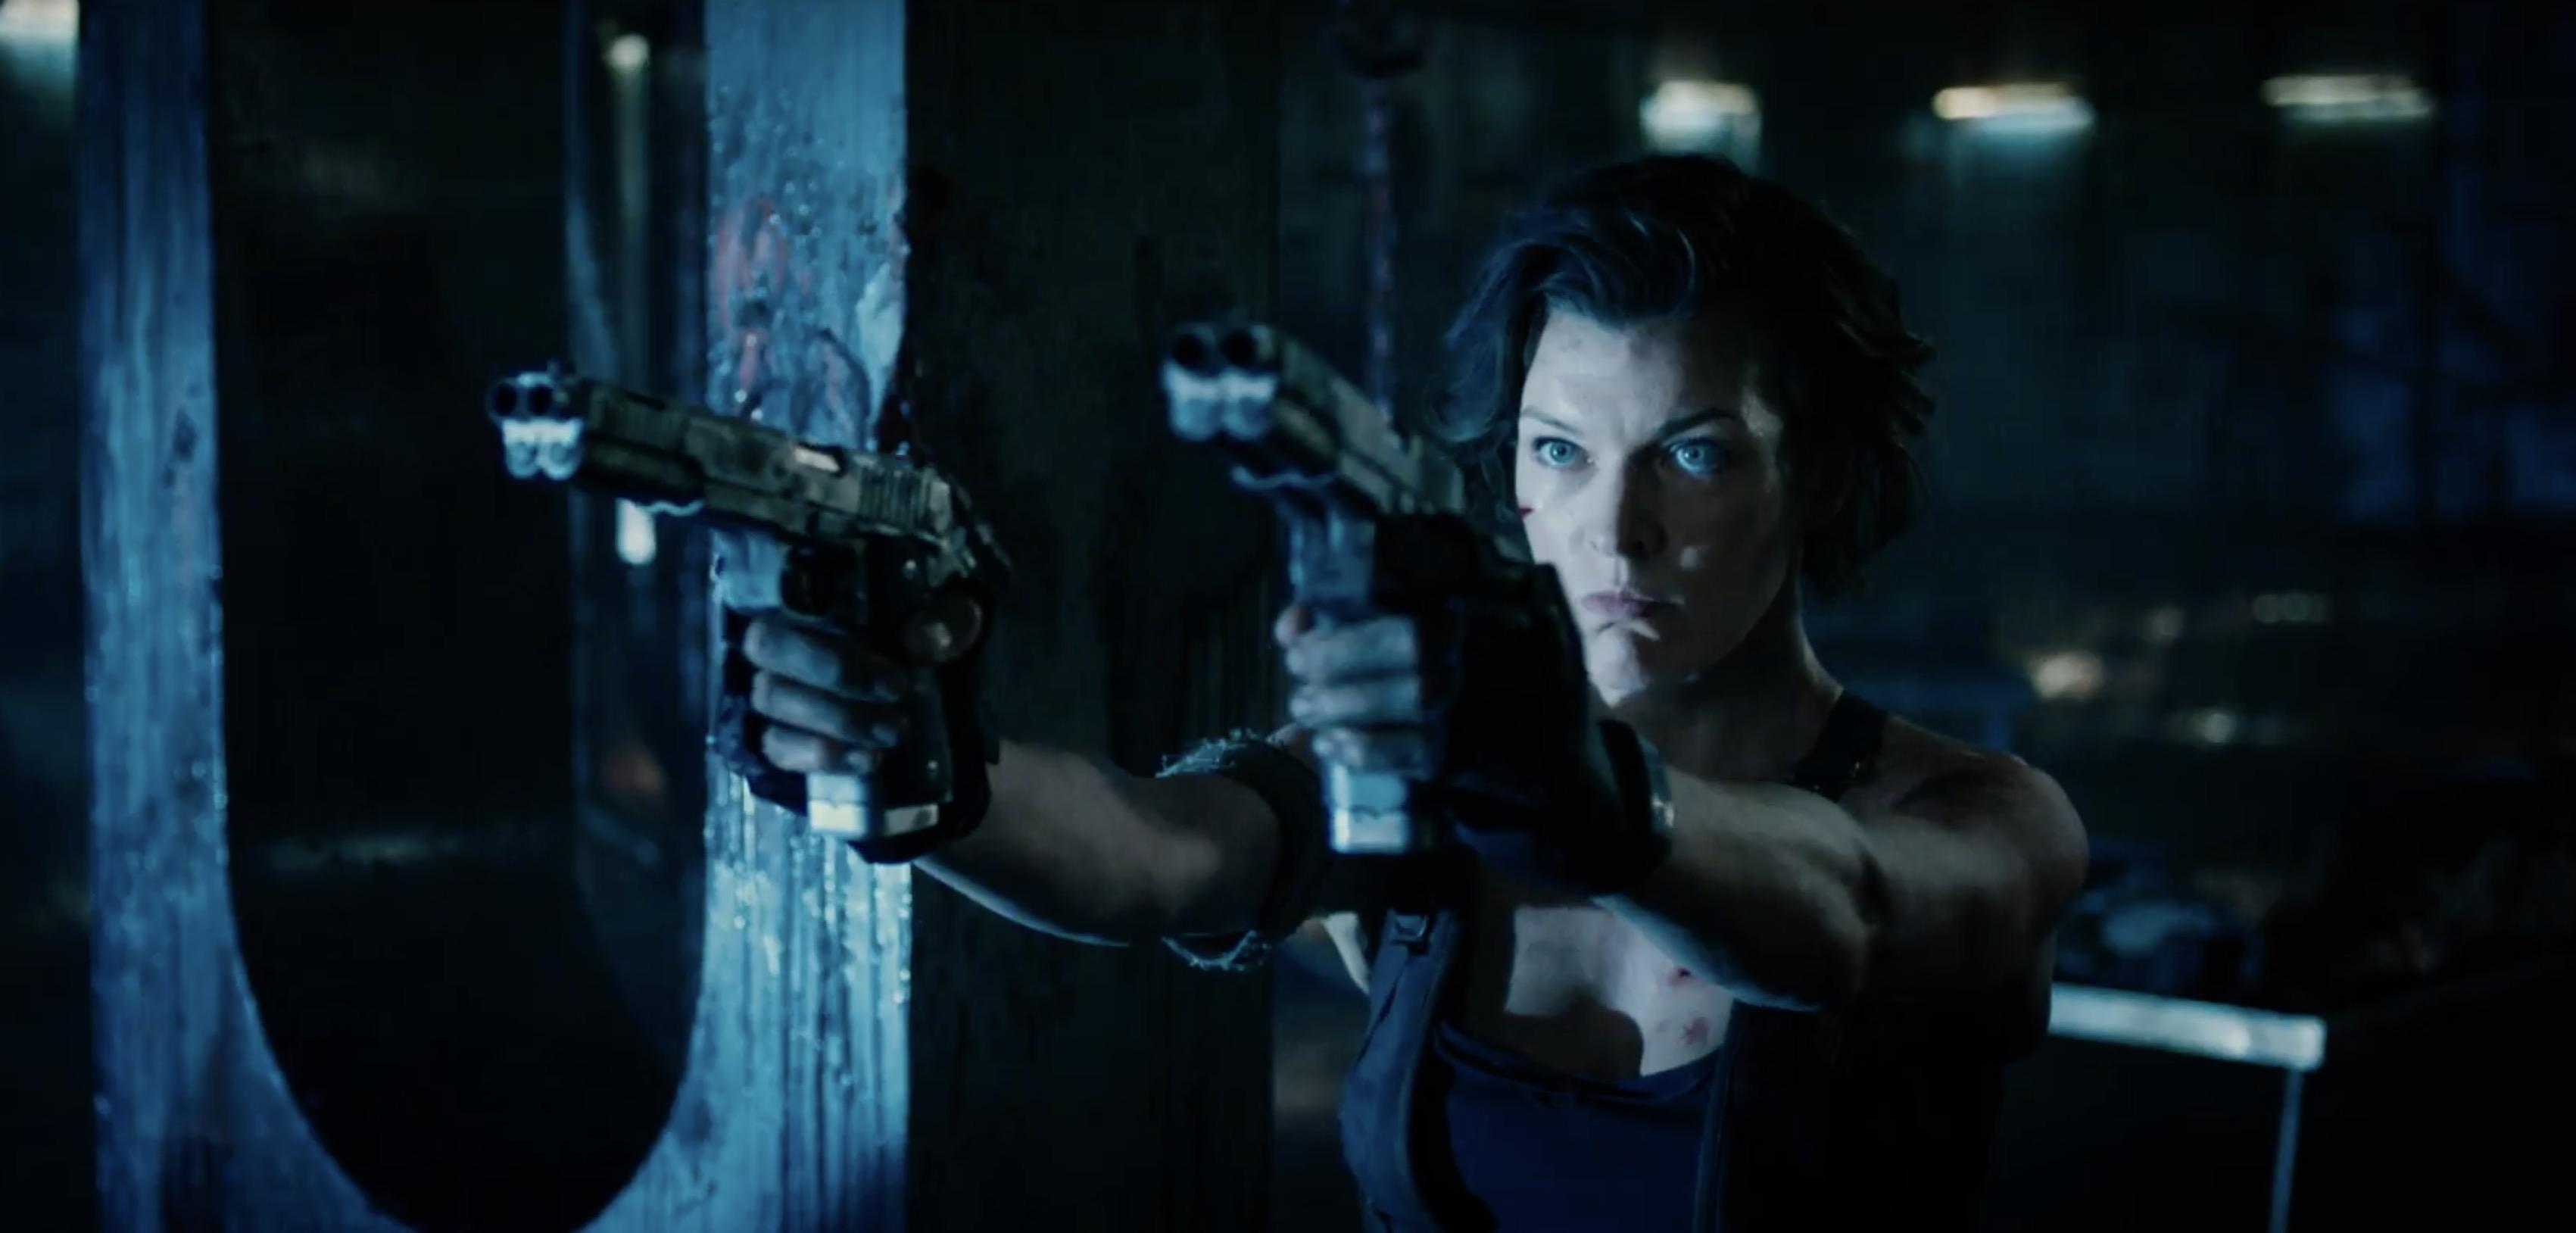 Resident Evil The Final Chapter Abigail Featurette: 'Resident Evil: The Final Chapter' Trailer: Alice Returns